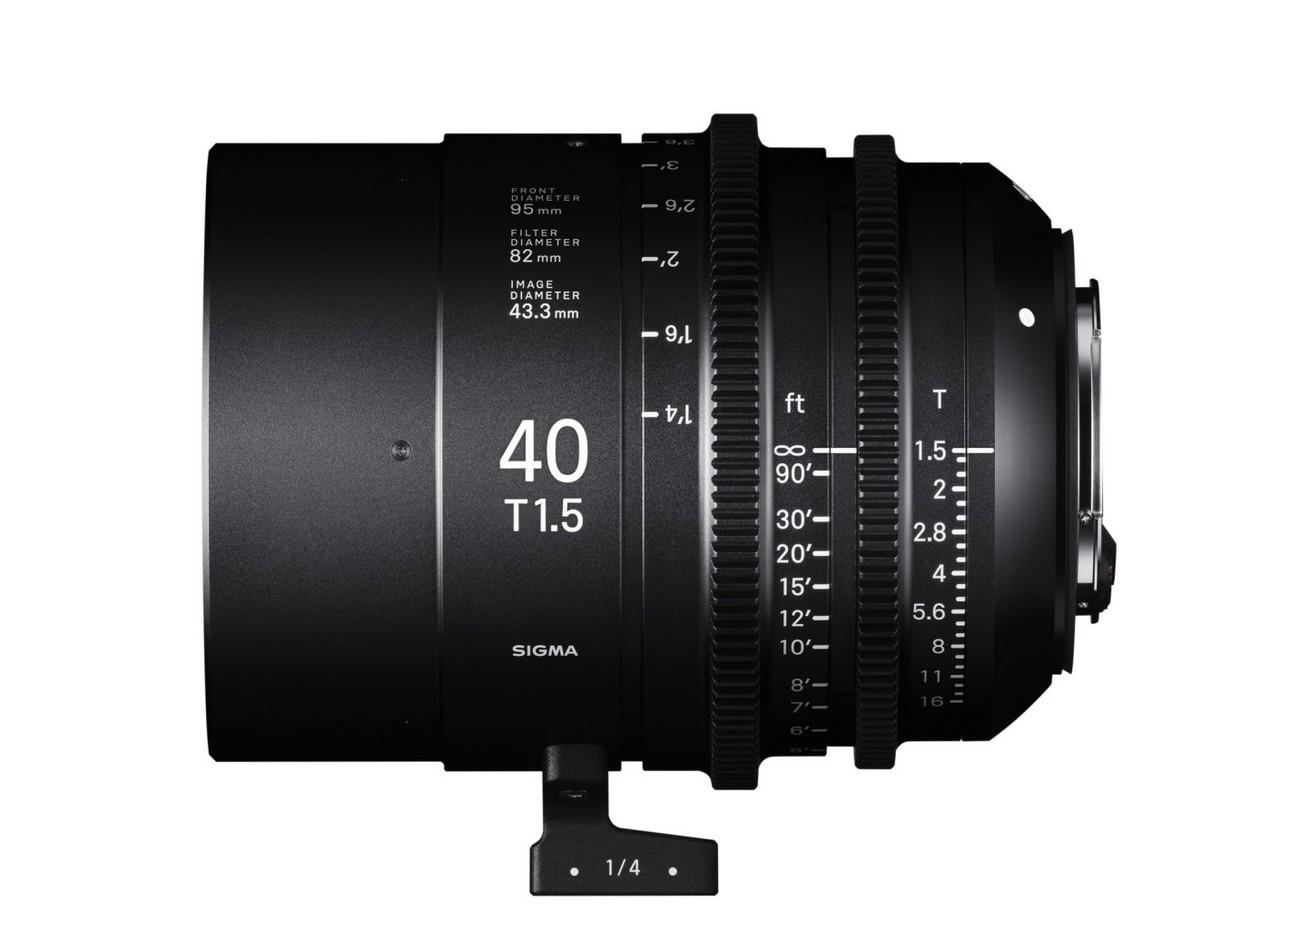 Obiektyw Sigma CINE 40mm T1.5 FF trafia na rynek fotograficzny